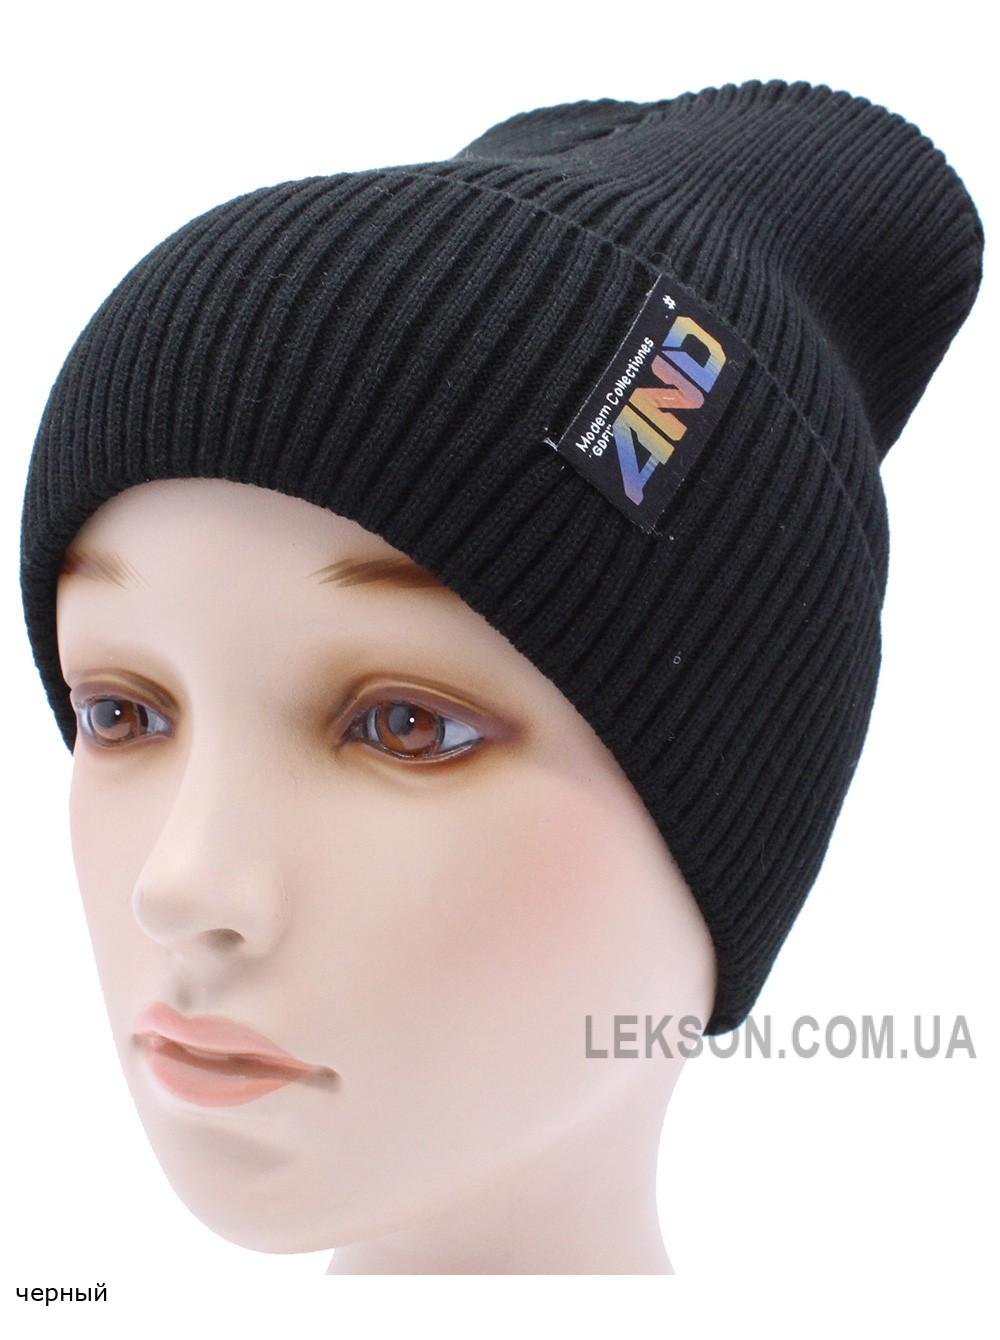 Детская вязаная шапка №013185-54-56